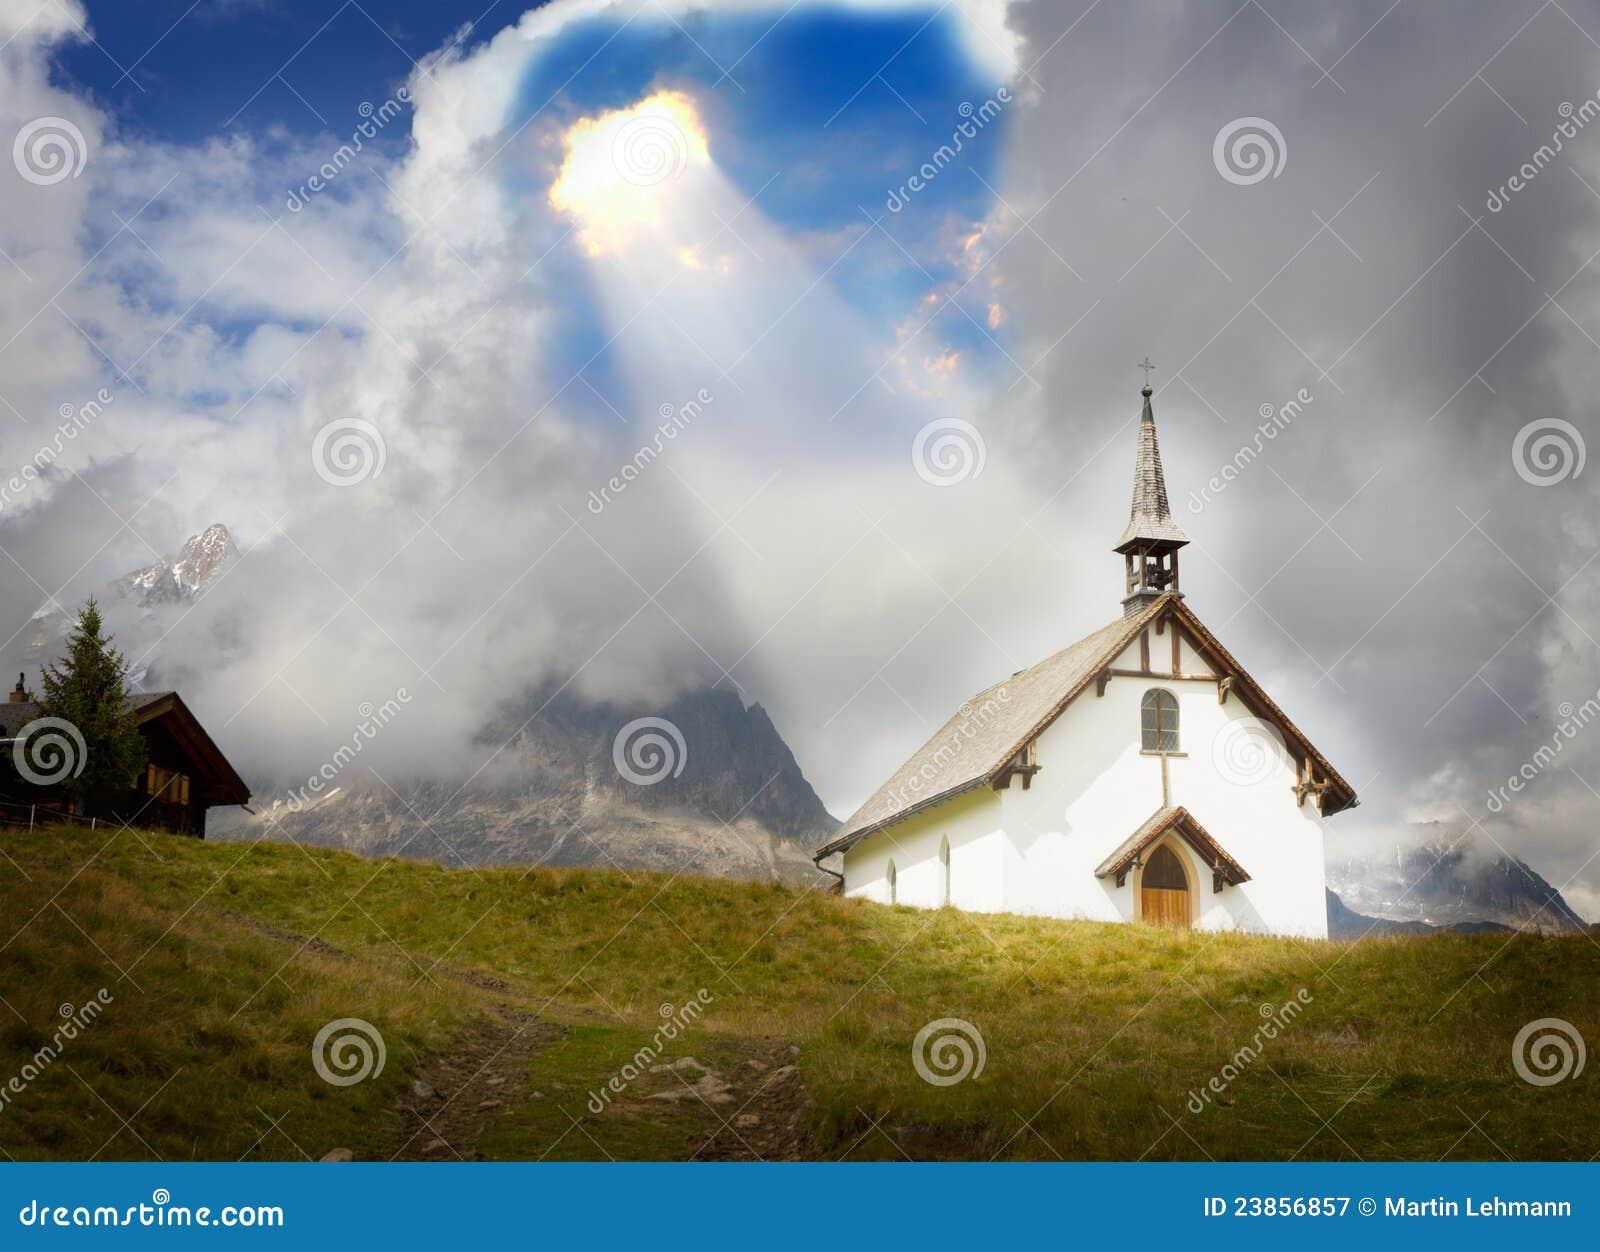 Wiary chrześcijaństwa pojęcia bóg ulga